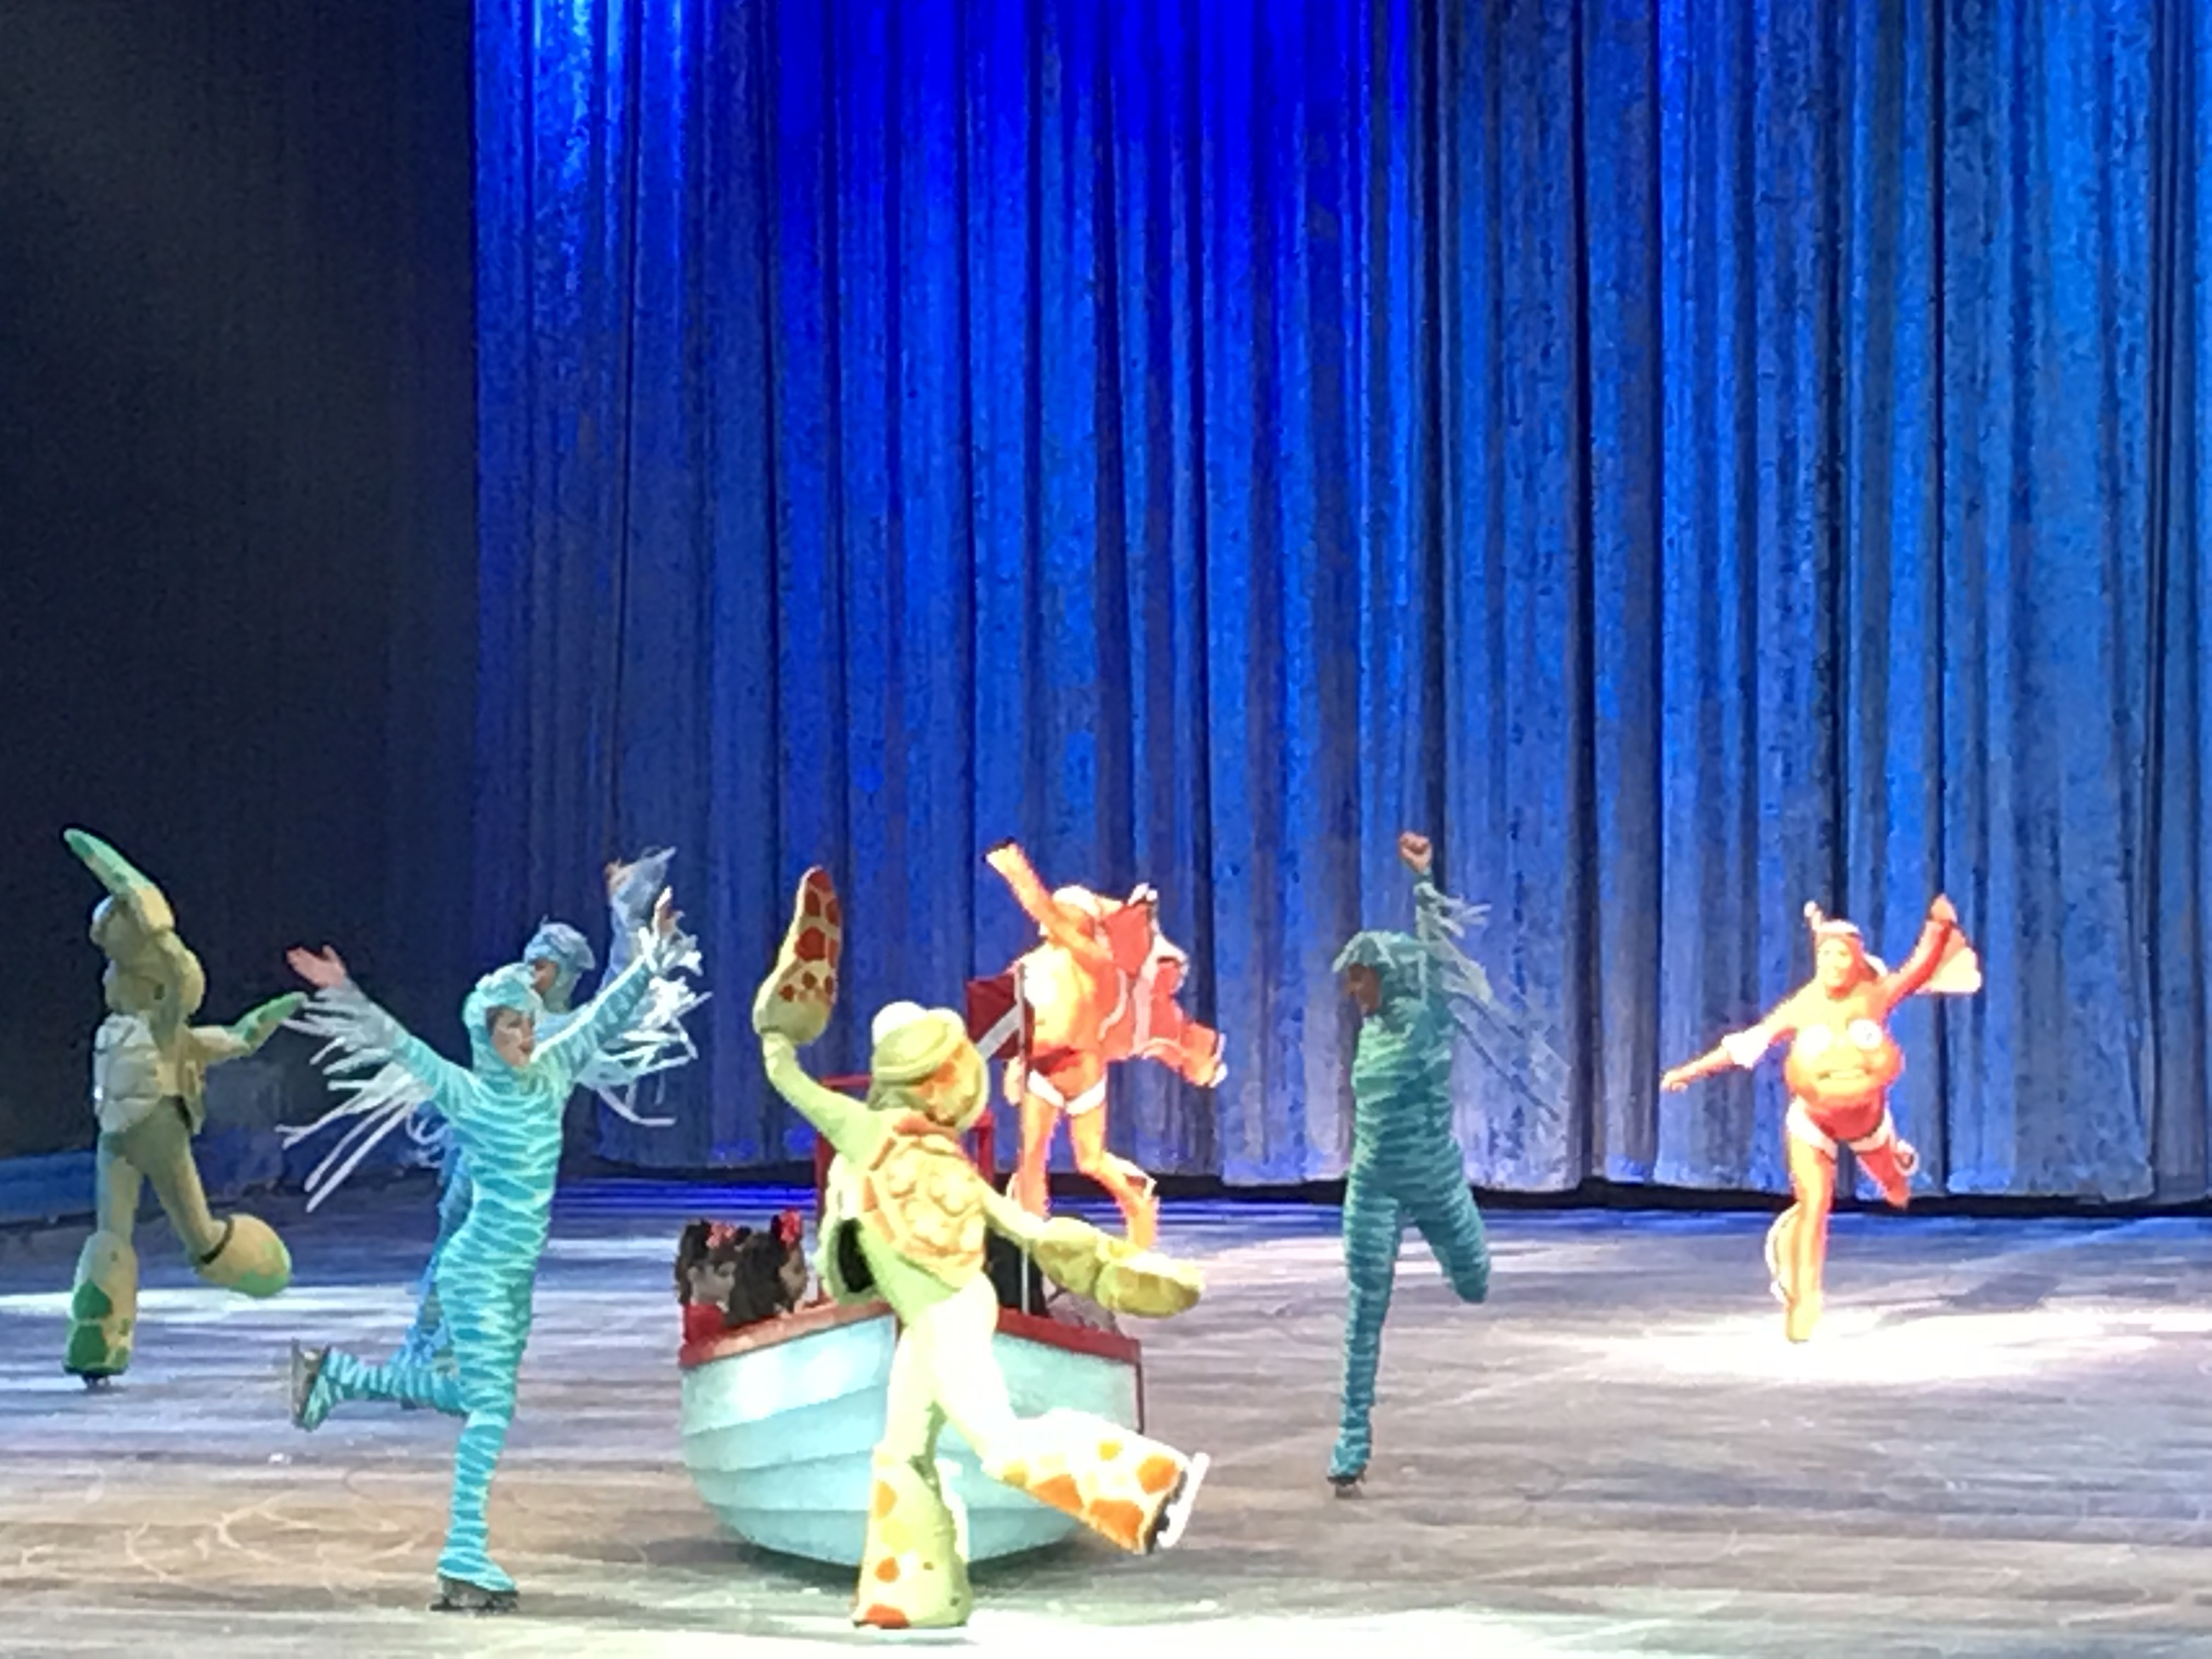 Disney On Ice celebra sus 100 años en Medellín - Imagen 6